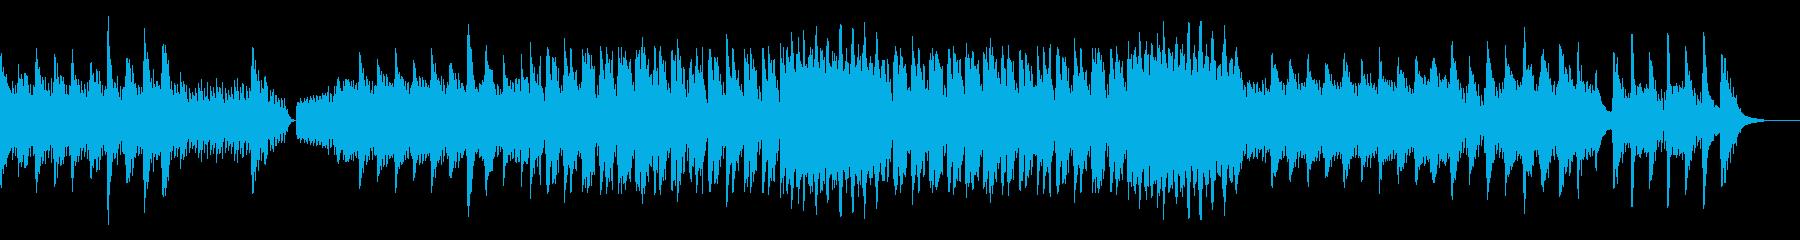 スケール感のある落ち着いたピアノソロの再生済みの波形